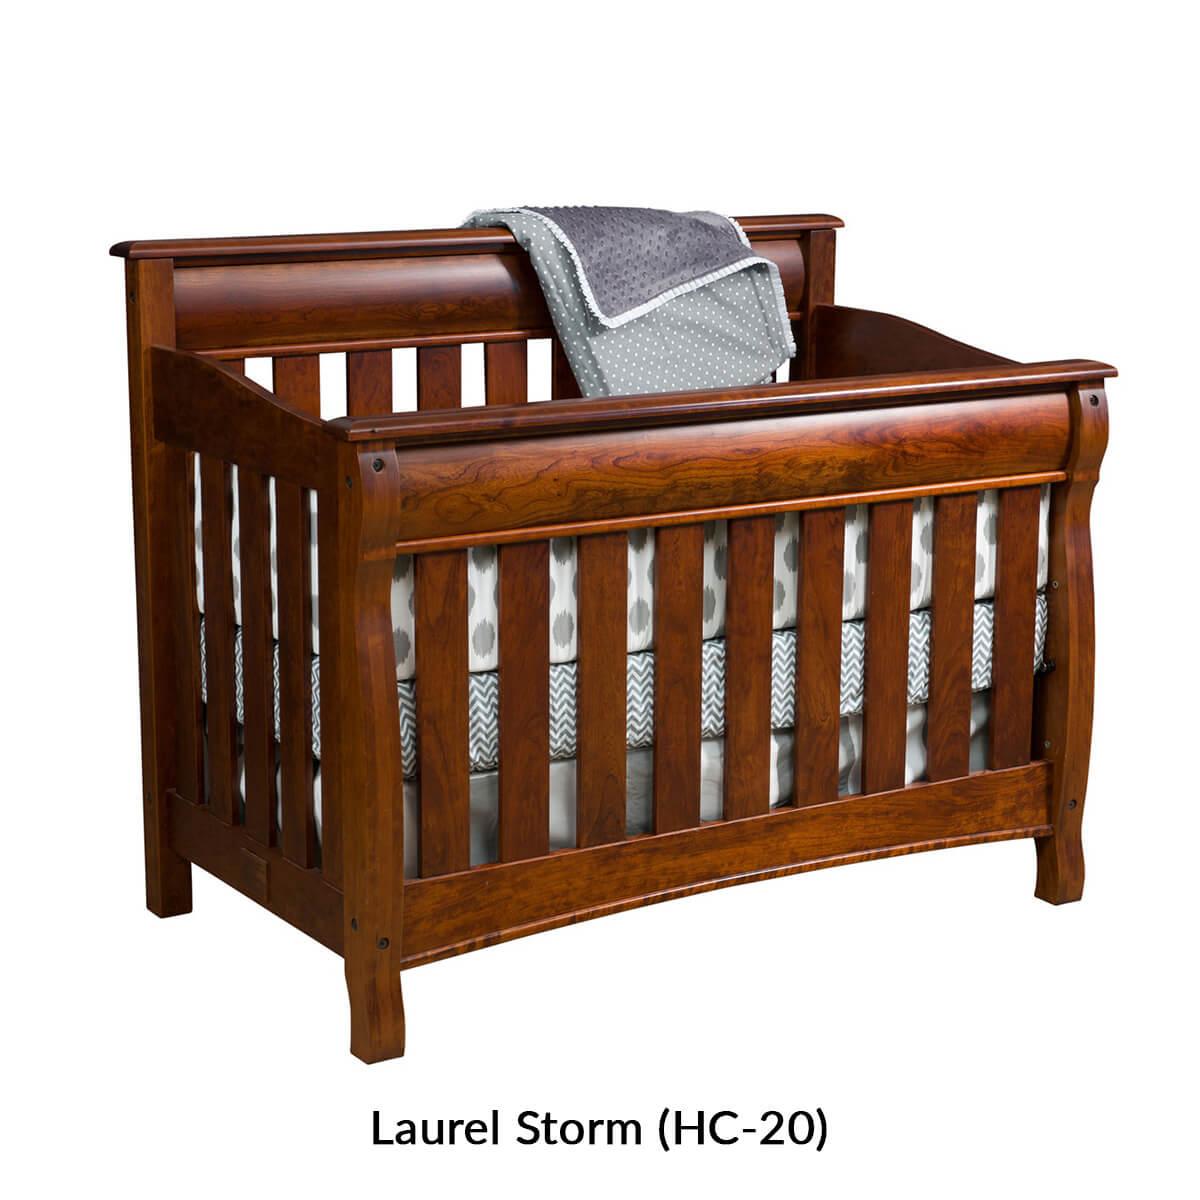 26.-laurel-storm-hc-20-.jpg